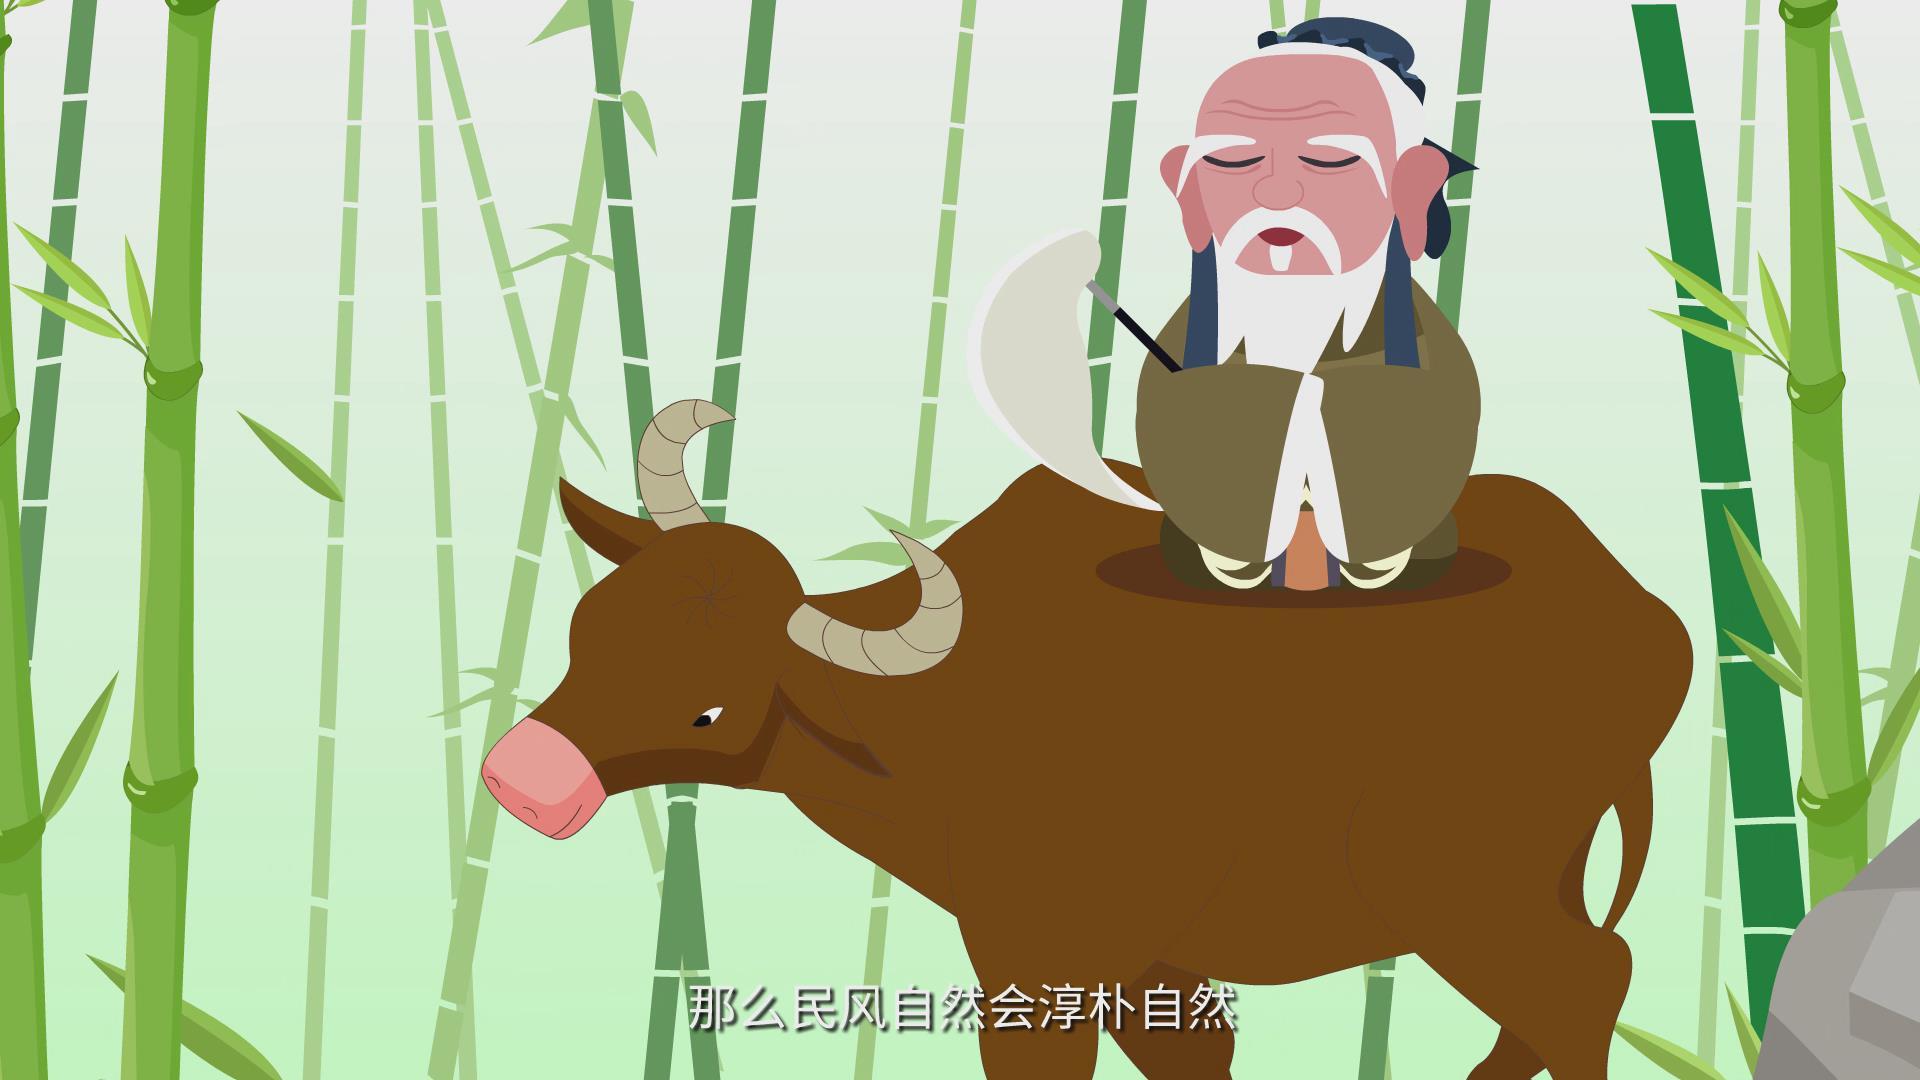 【動漫】老子說廉政(一)